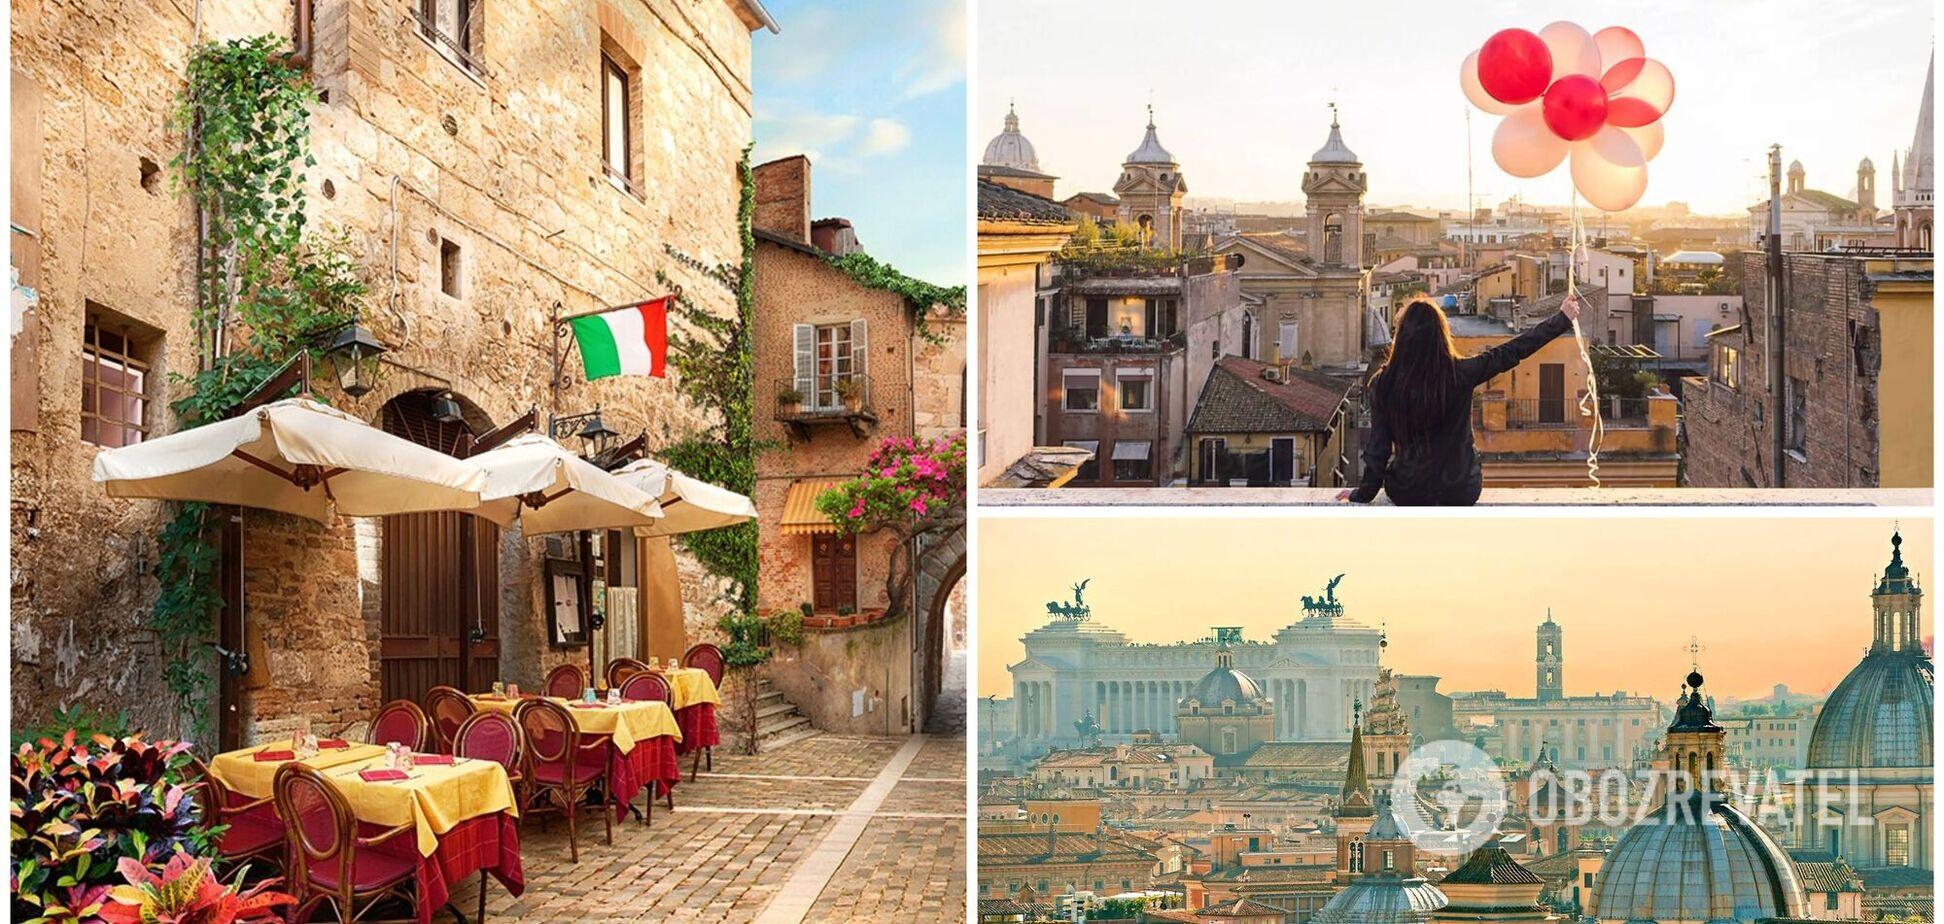 5 удивительных фактов об Италии, которые разрушат все стереотипы о стране